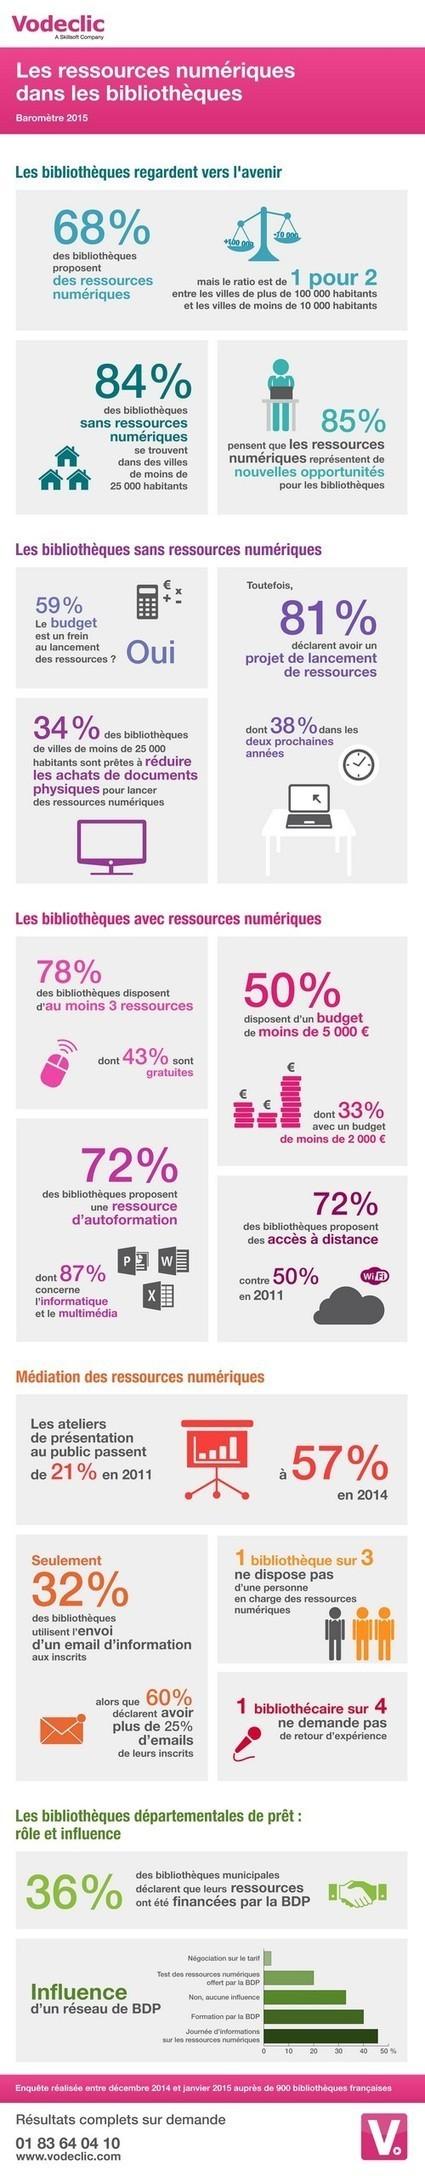 Enquête sur les ressources numériques en bibliothèques | Bulletin des bibliothèques de France | NUMERIQUE ET DOCUMENTATION | Scoop.it